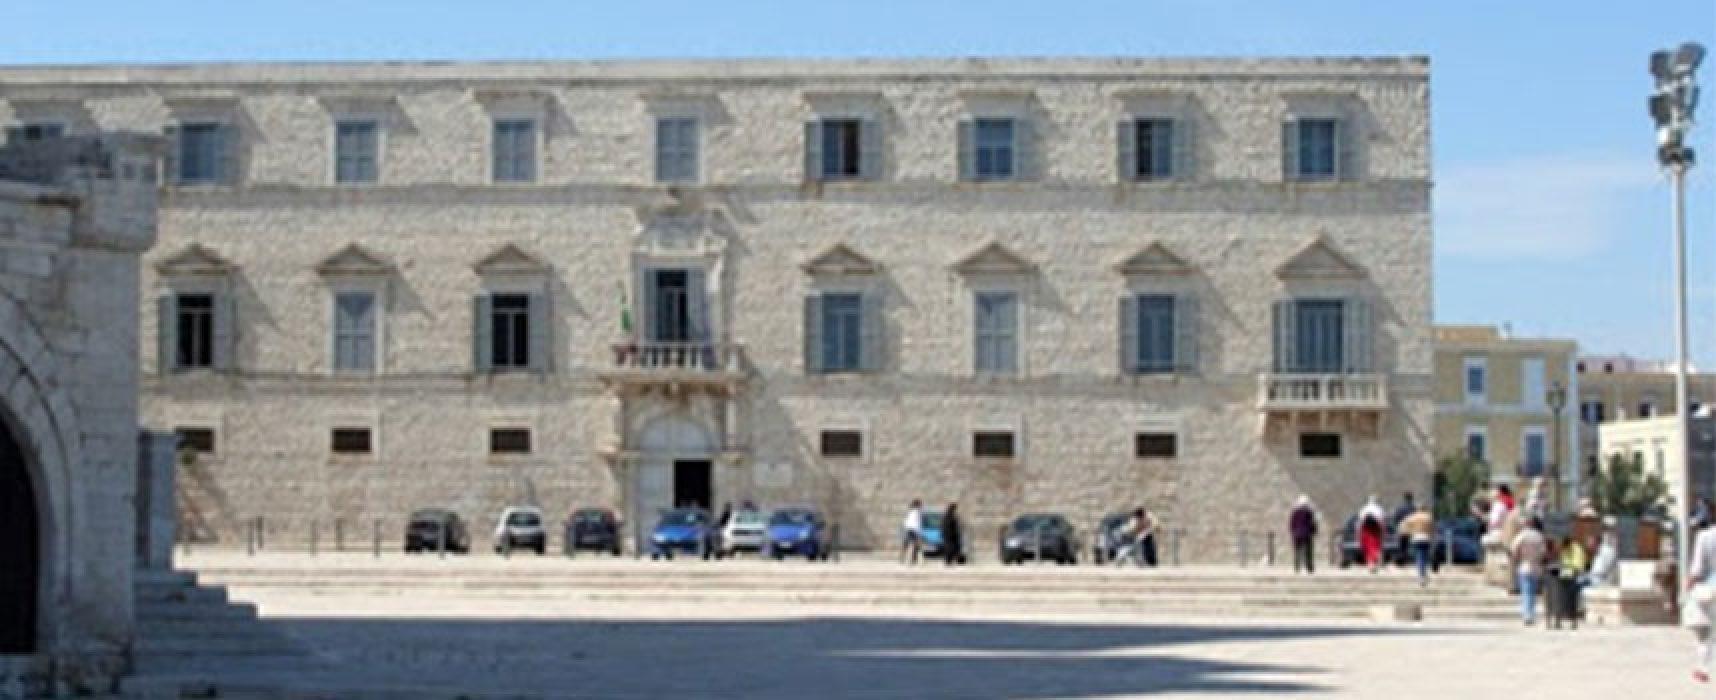 Avvocati in piazza a Trani per chiedere ripresa attività e udienze in Tribunale